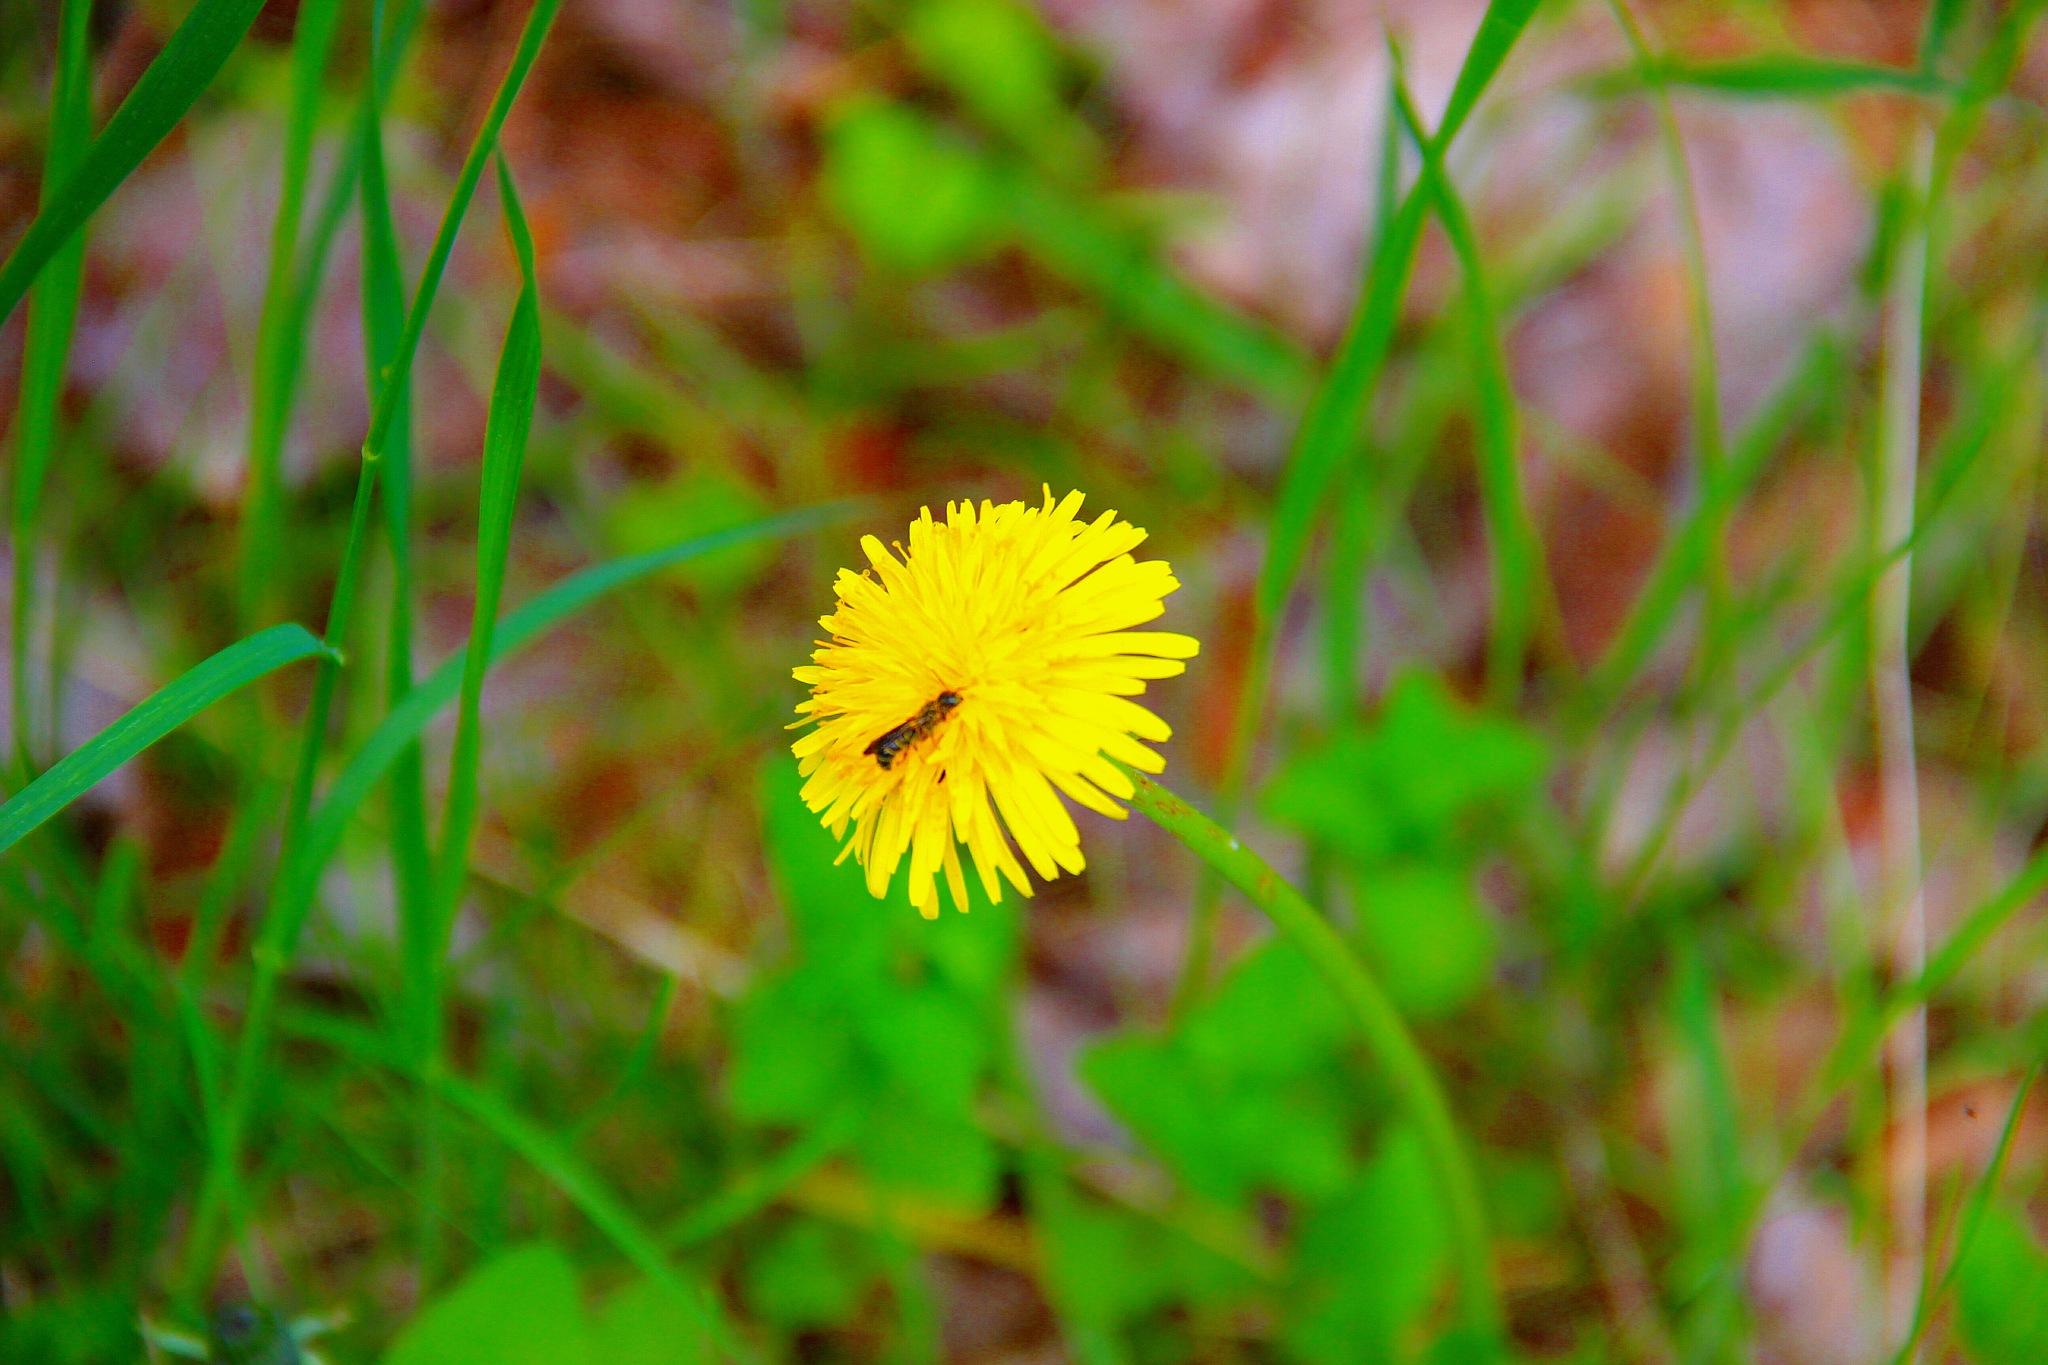 In the Flower by sergey.parfeniuk